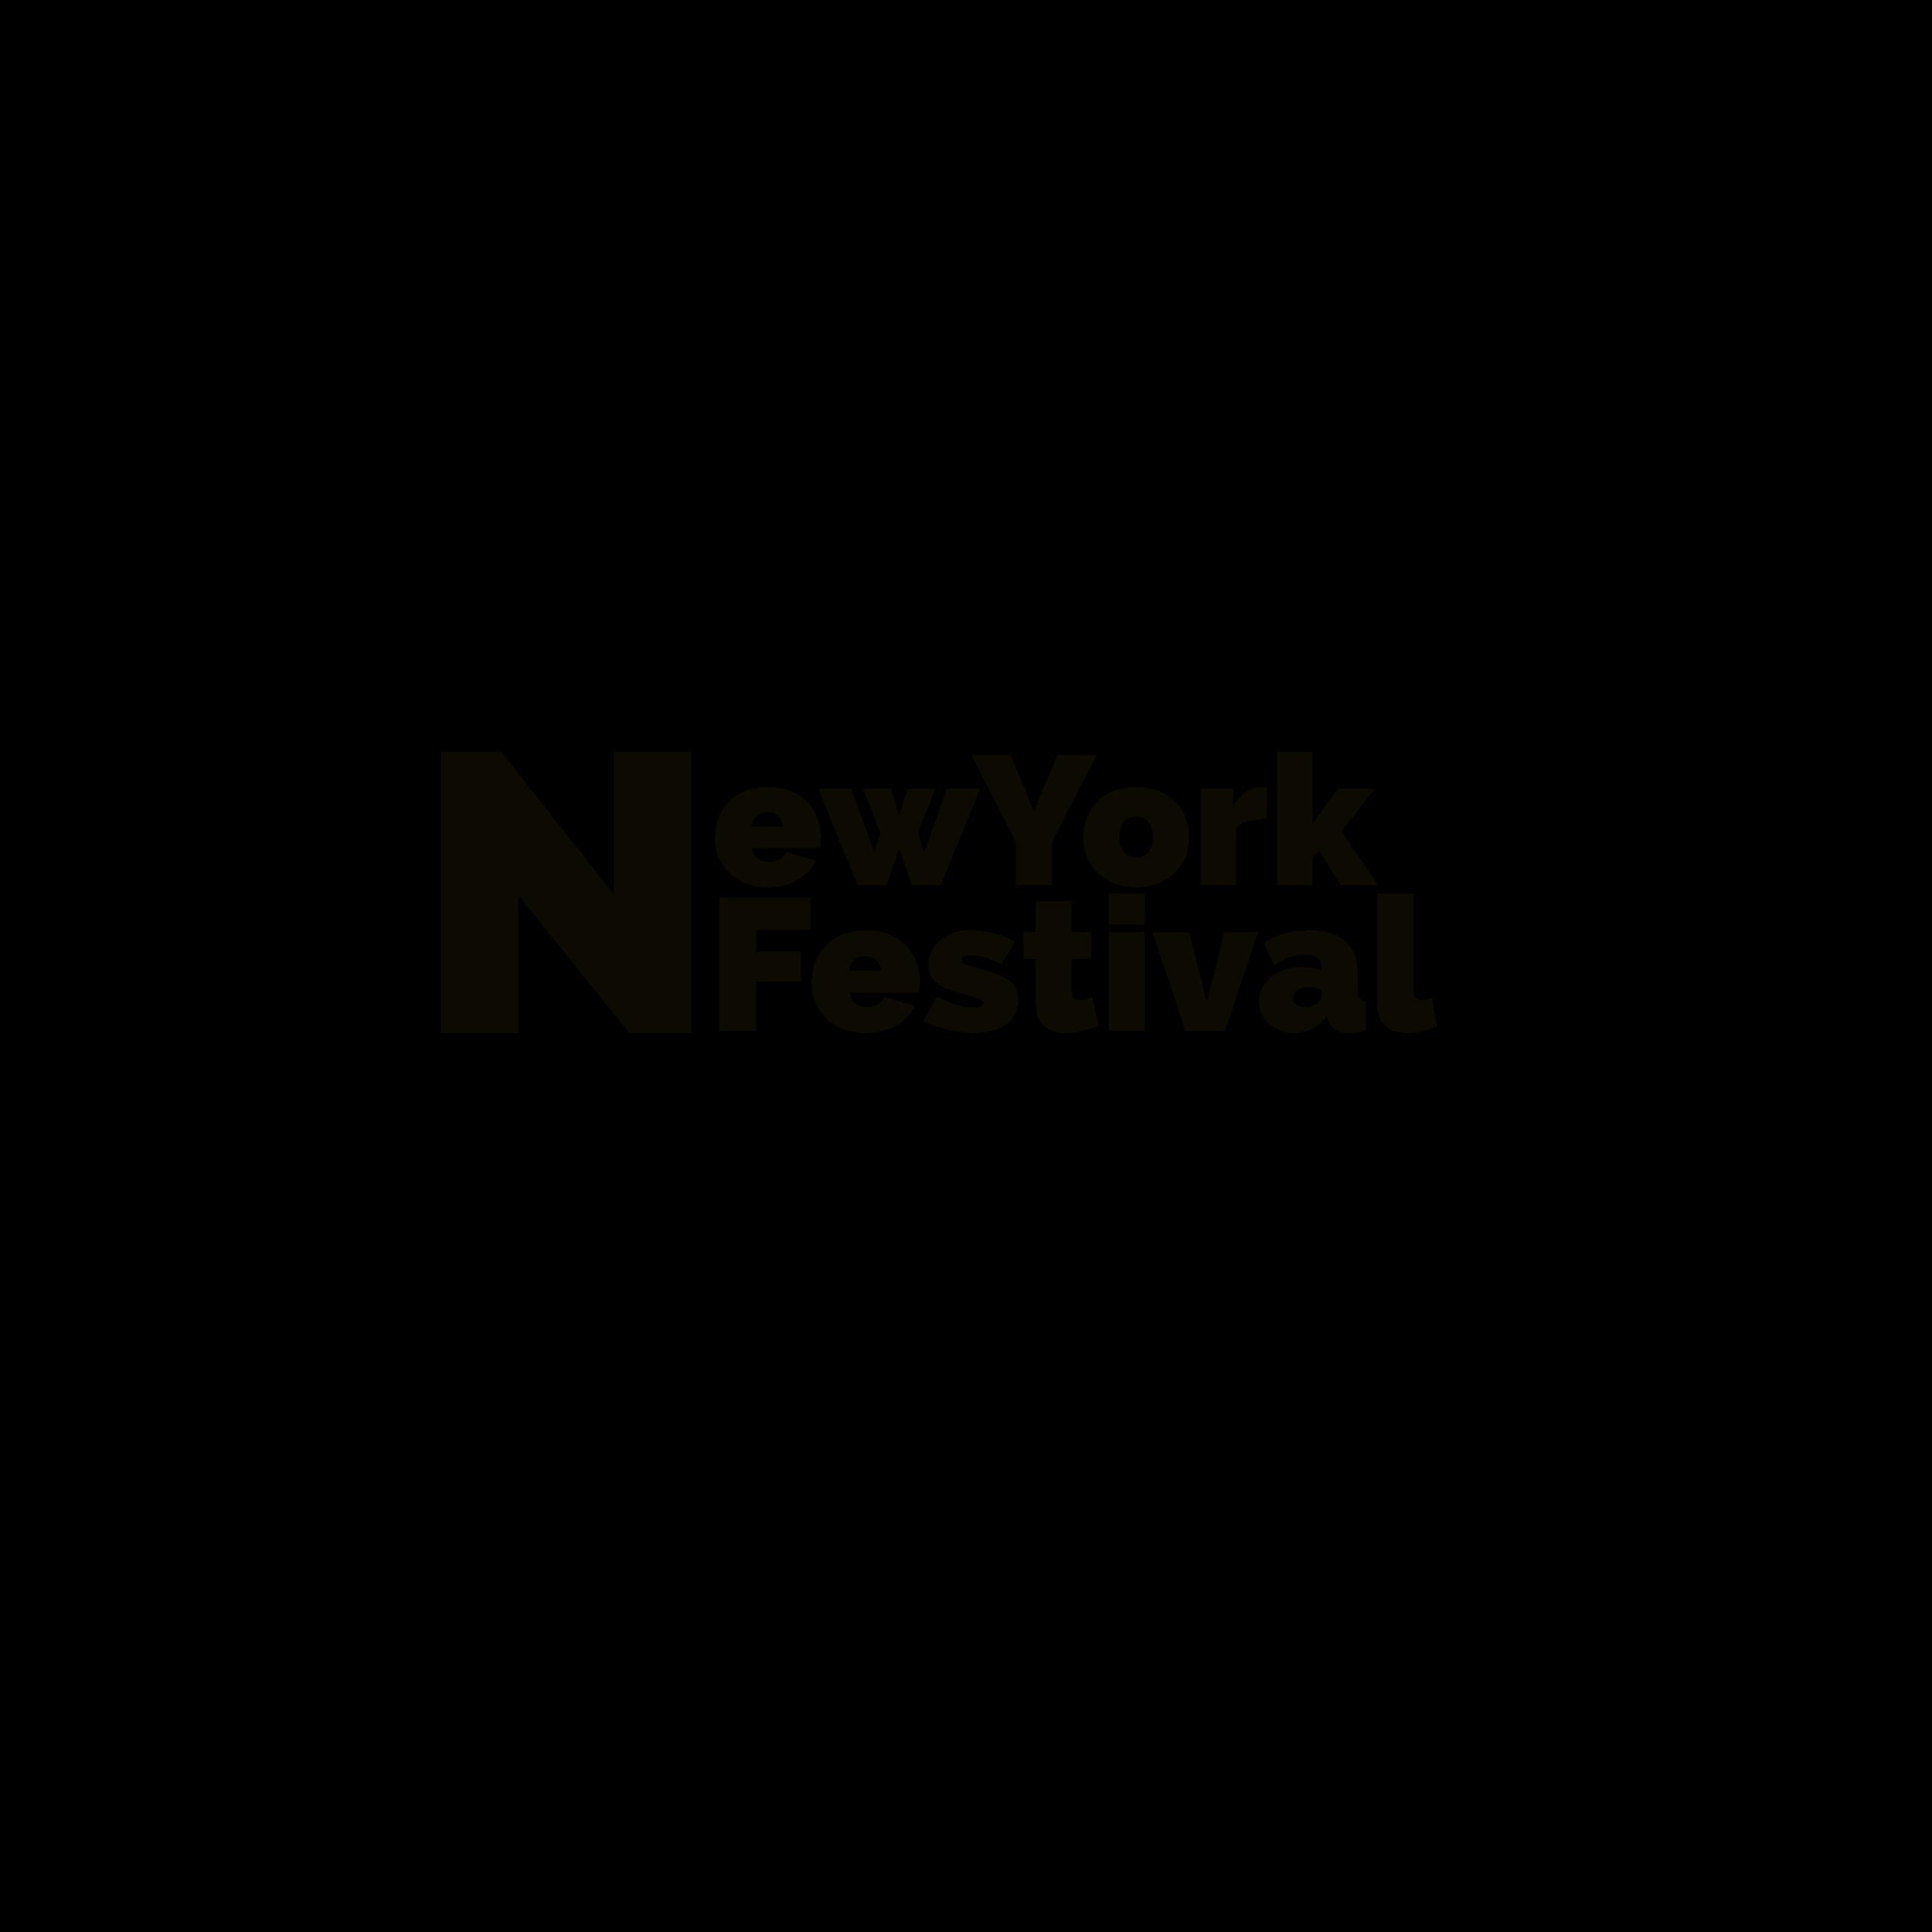 newyorkfestival.jp